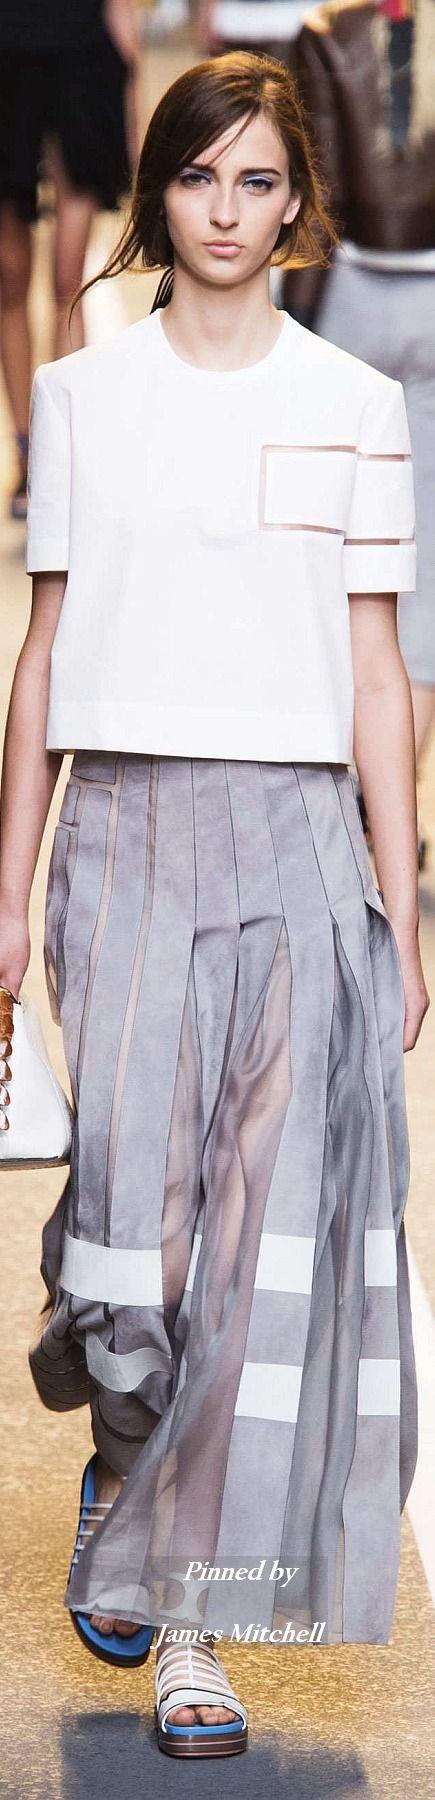 FENDI kombiniert Grau und Weiß zu einem leichten Look #fendi #spring2015